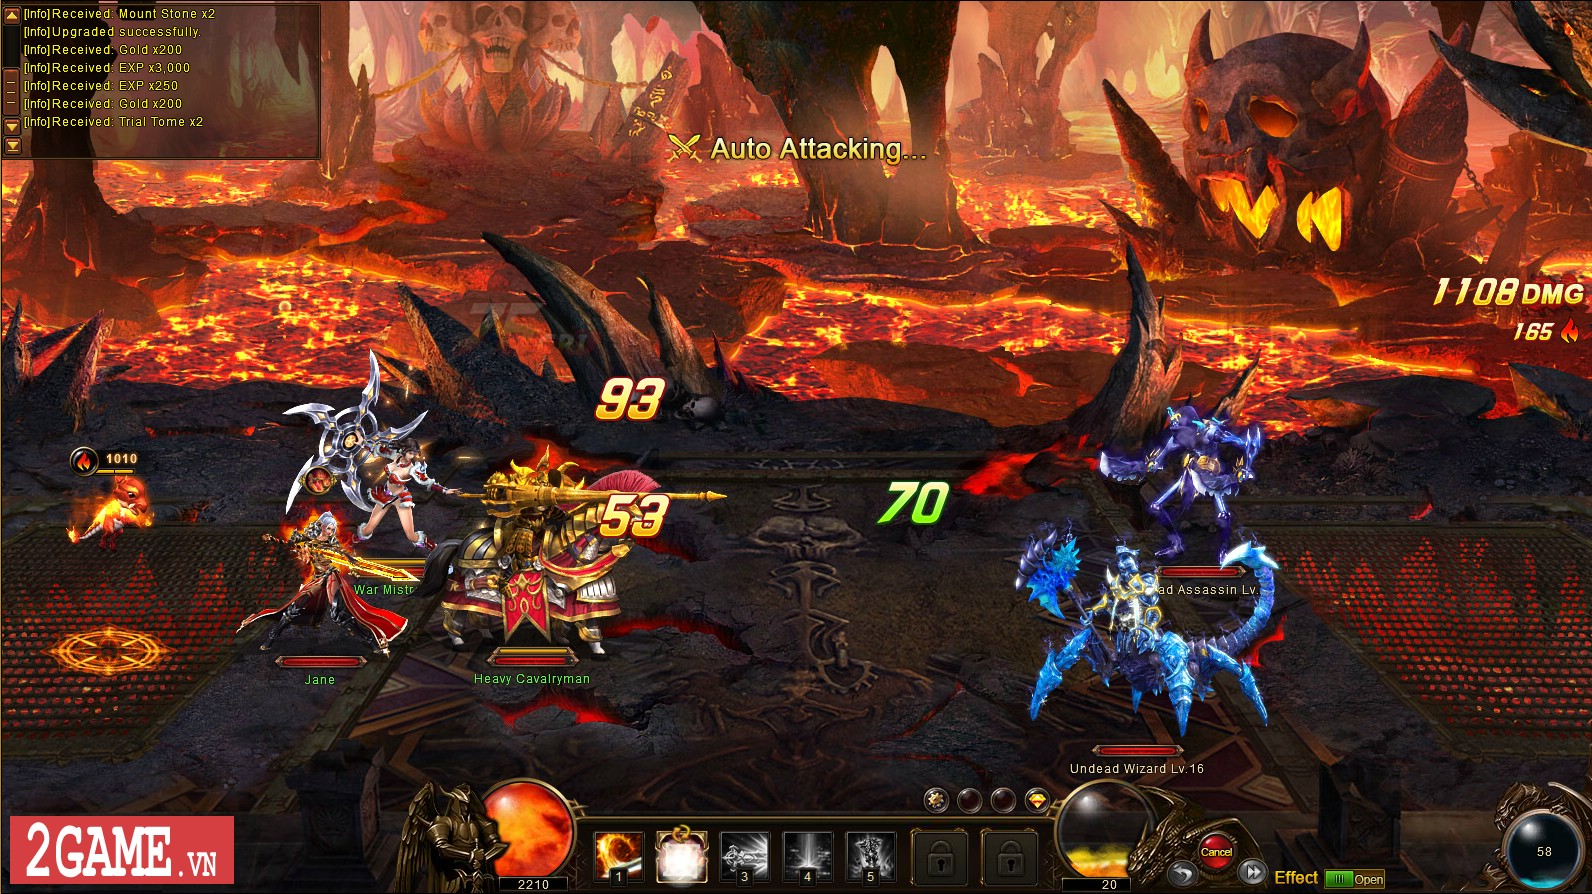 Game of Dragons - Cuộc chiến Long tộc sắp được phát hành tại Việt Nam 1